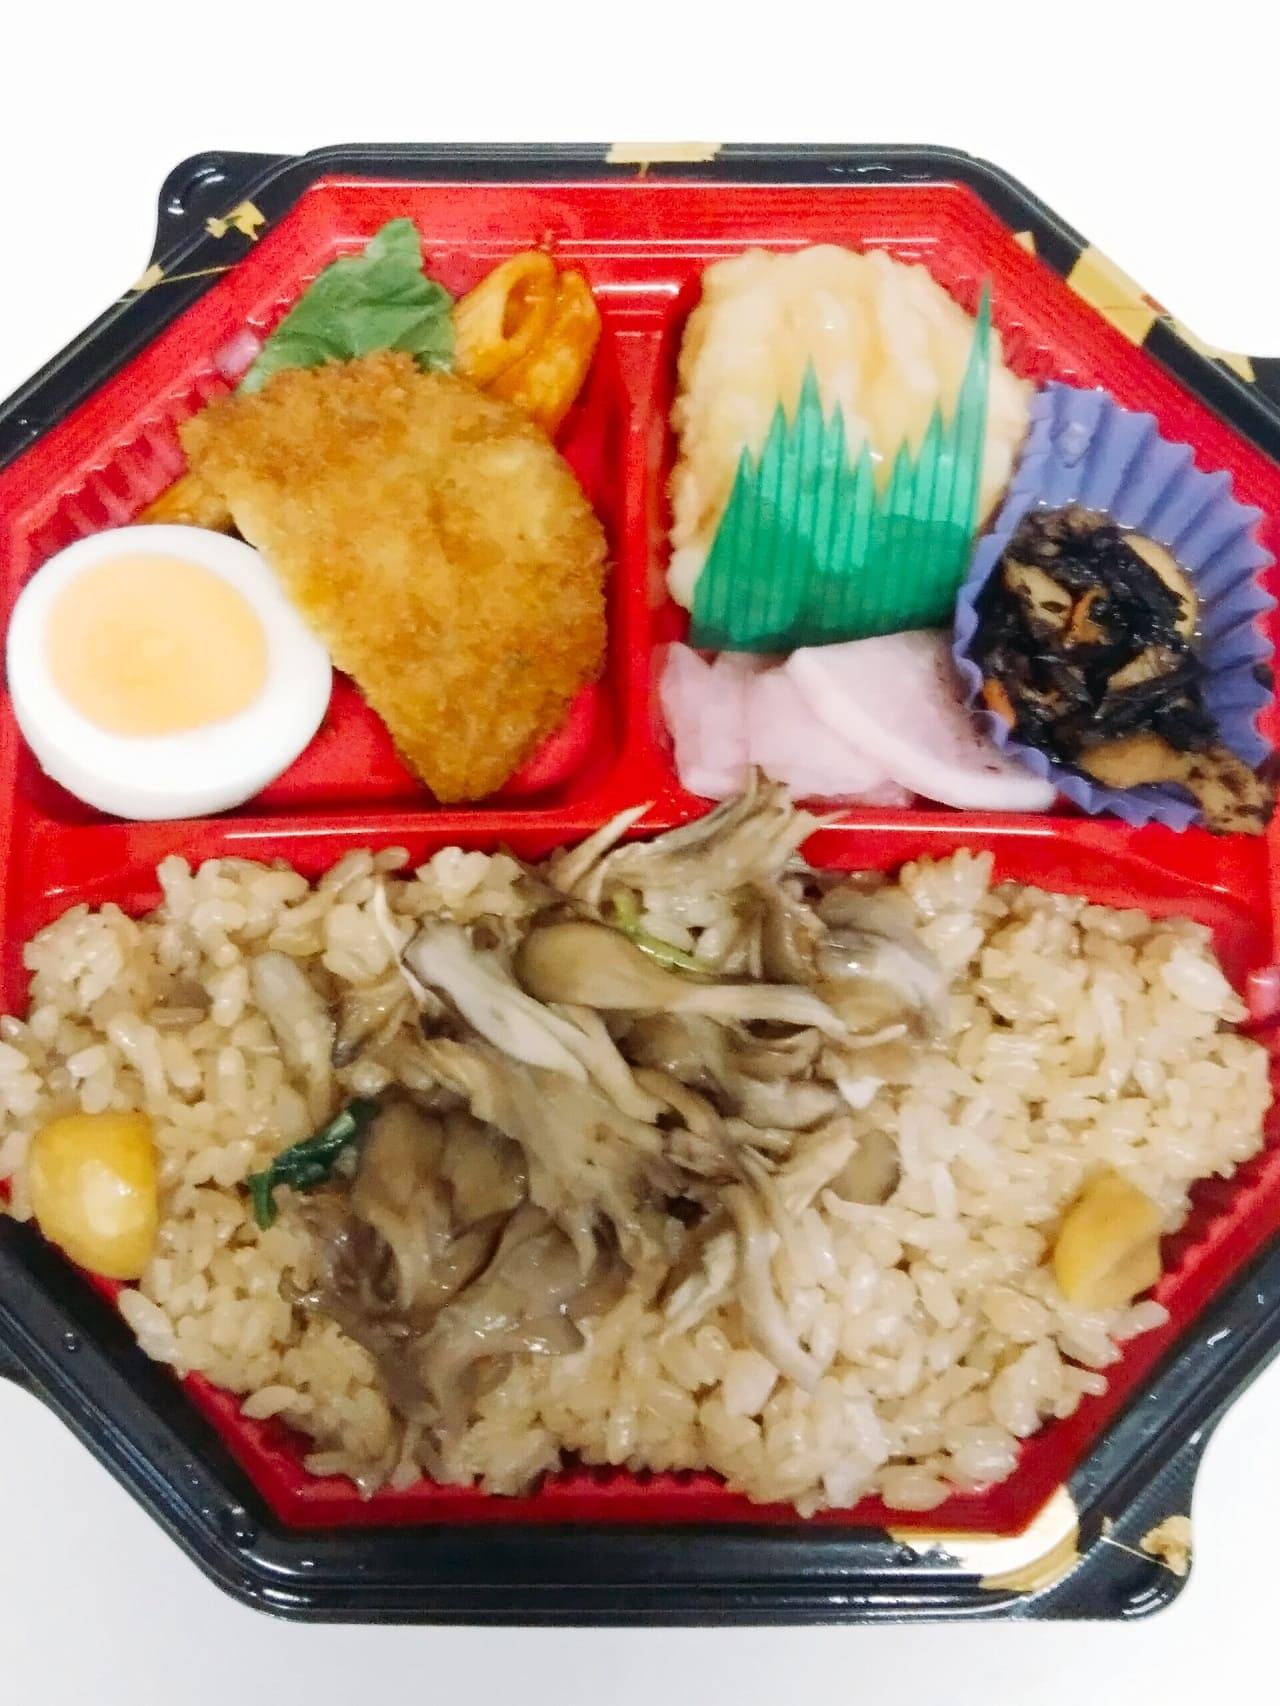 ヤオコーの妙義舞茸と栗の炊込みご飯弁当